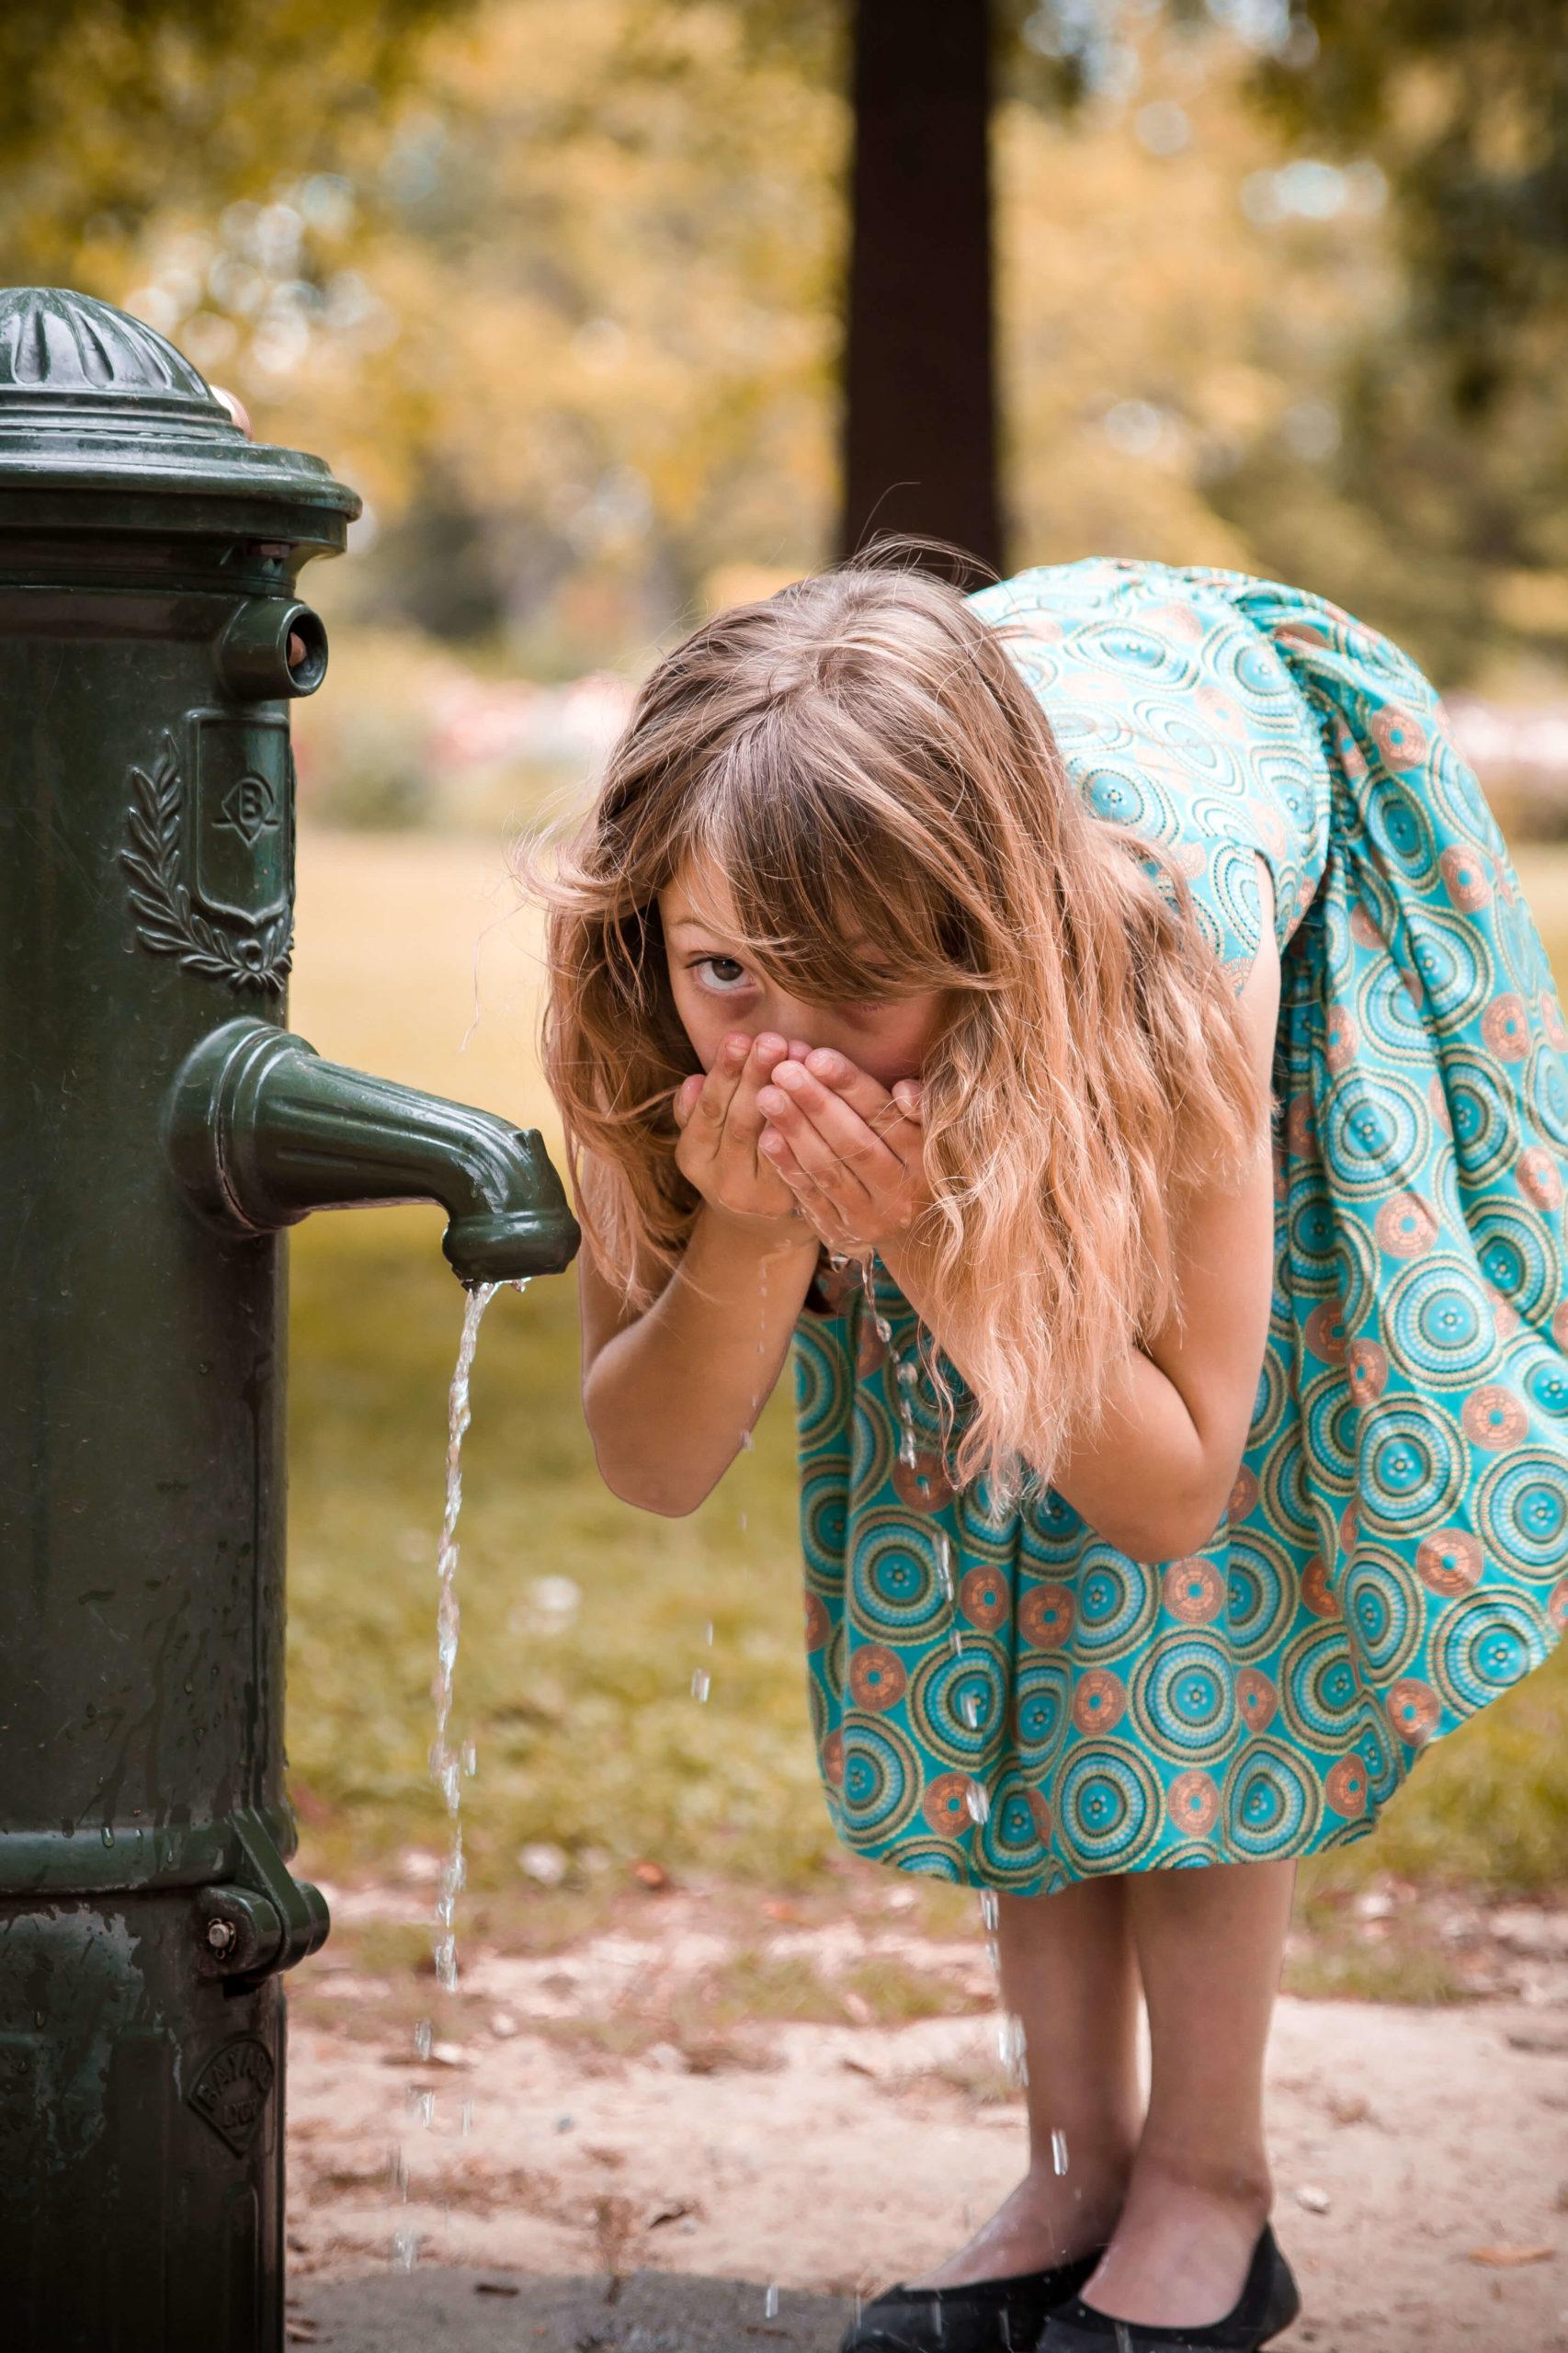 Photographie d'une petite fille buvant l'eau d'une fontaine.